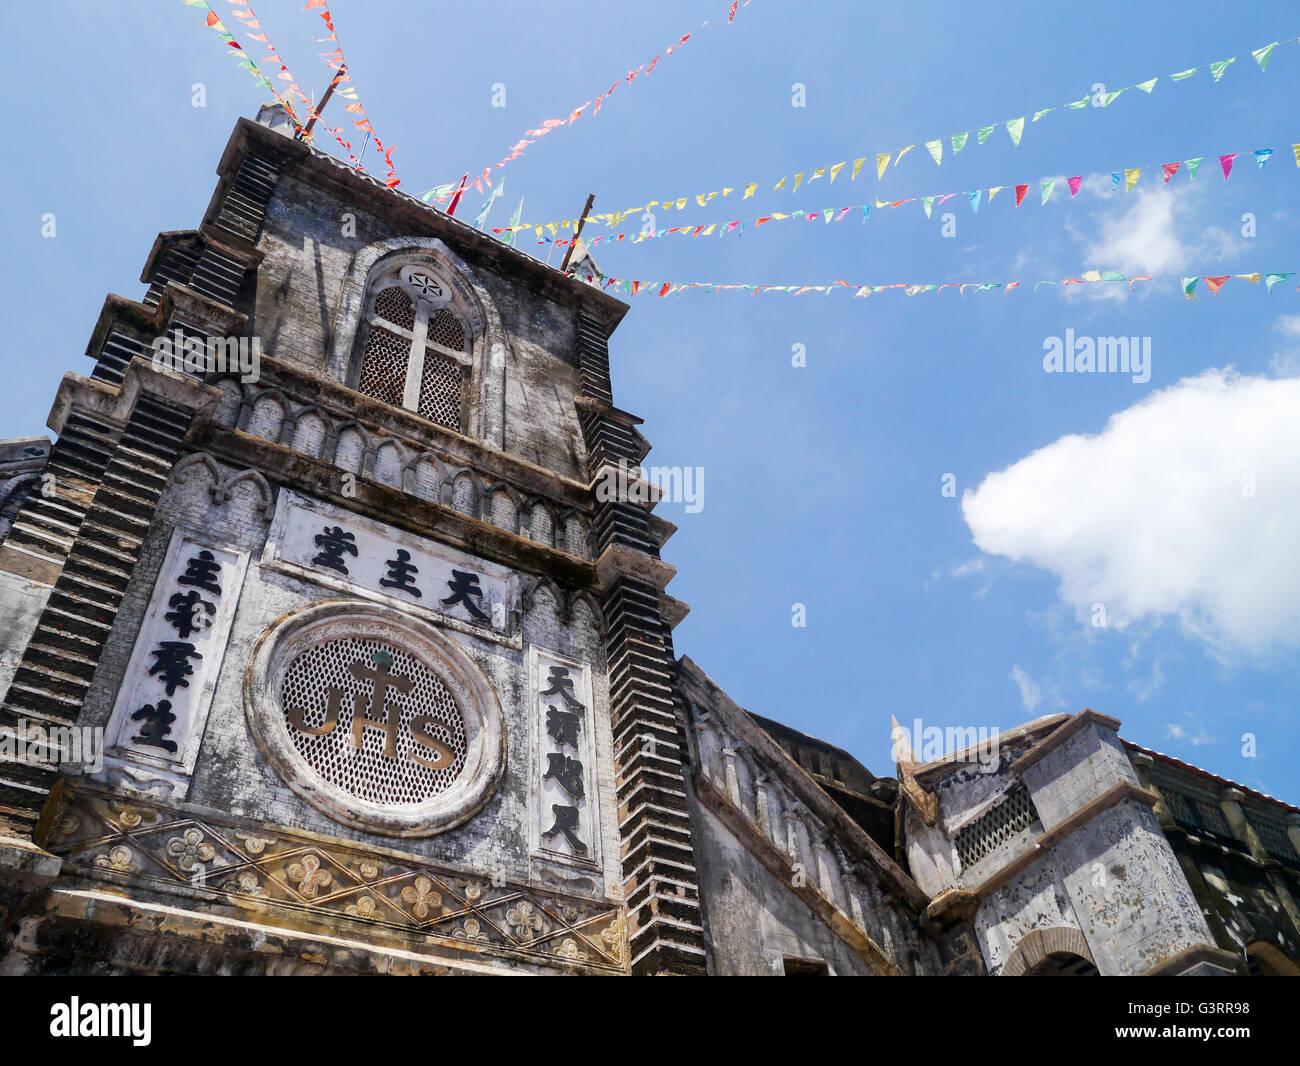 Low angle view of the Chengzai Church in Weizhou Island of Beihai City in Guangxi province, China. Stock Photo